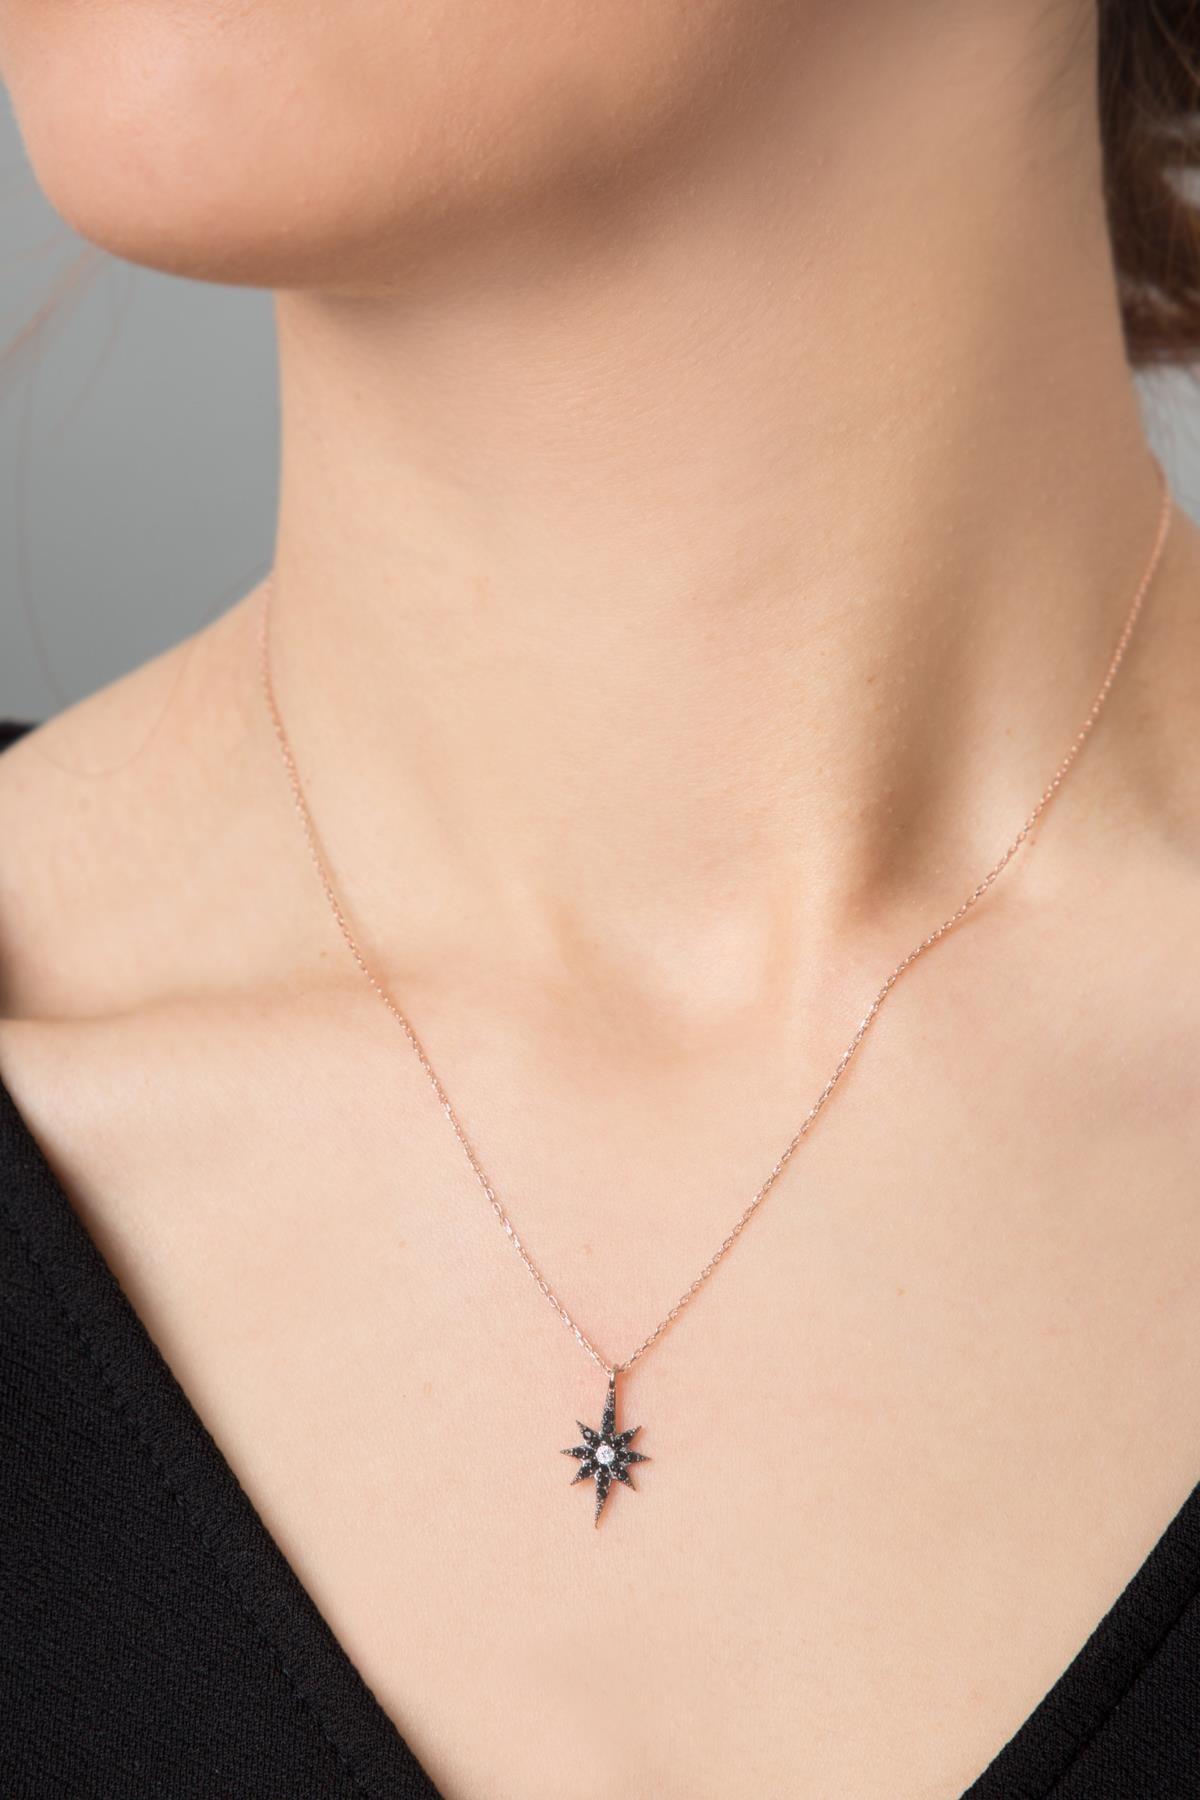 Elika Silver Kadın Ortası Beyaz Üzeri Siyah Zirkon Taşlı Kutup Yıldızı Model 925 Ayar Gümüş Kolye PP2386